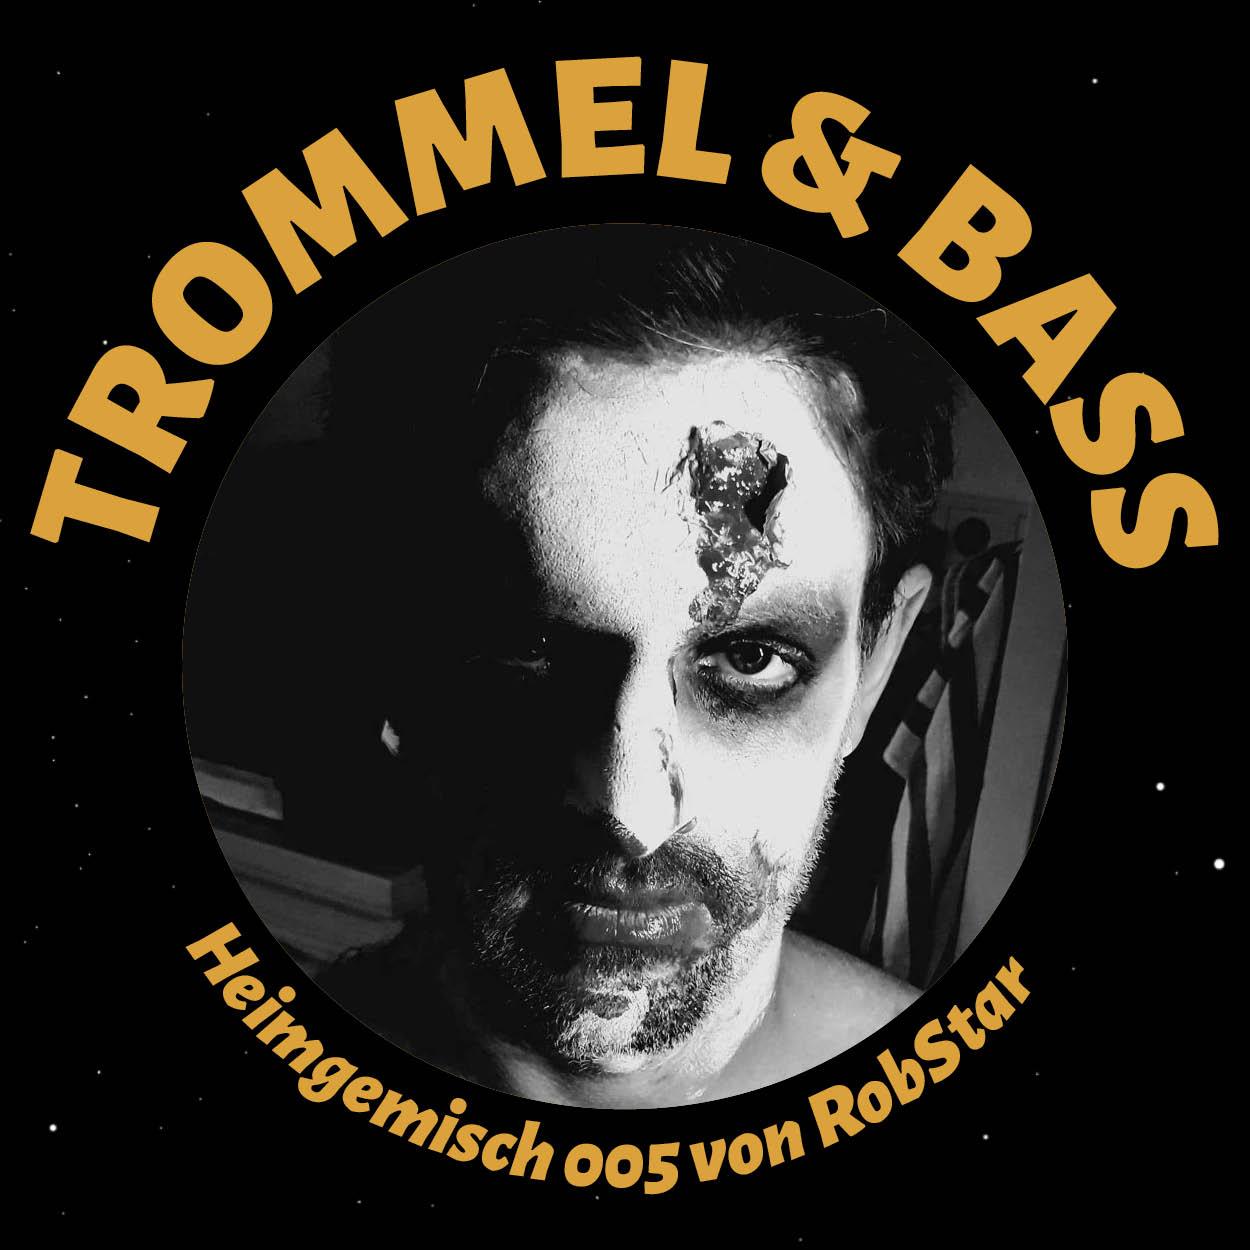 HG-005-RobStar-Trommel-Bass-web